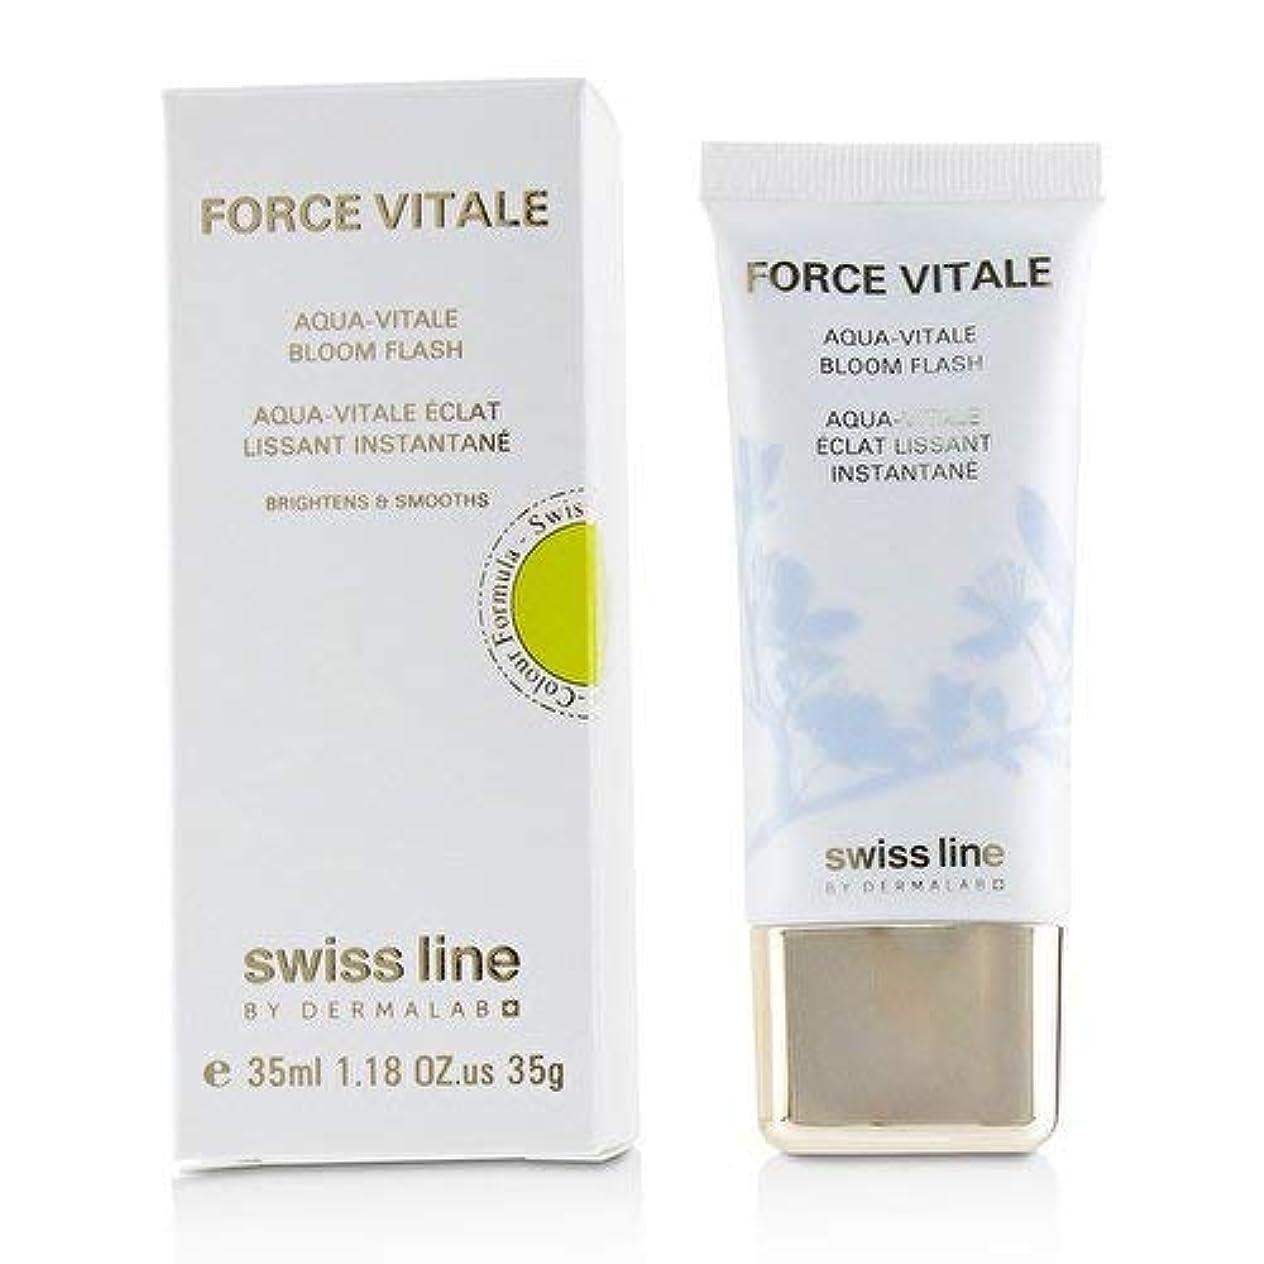 編集する等しい高原スイスライン Force Vitale Aqua-Vitale Bloom Flash 35ml並行輸入品